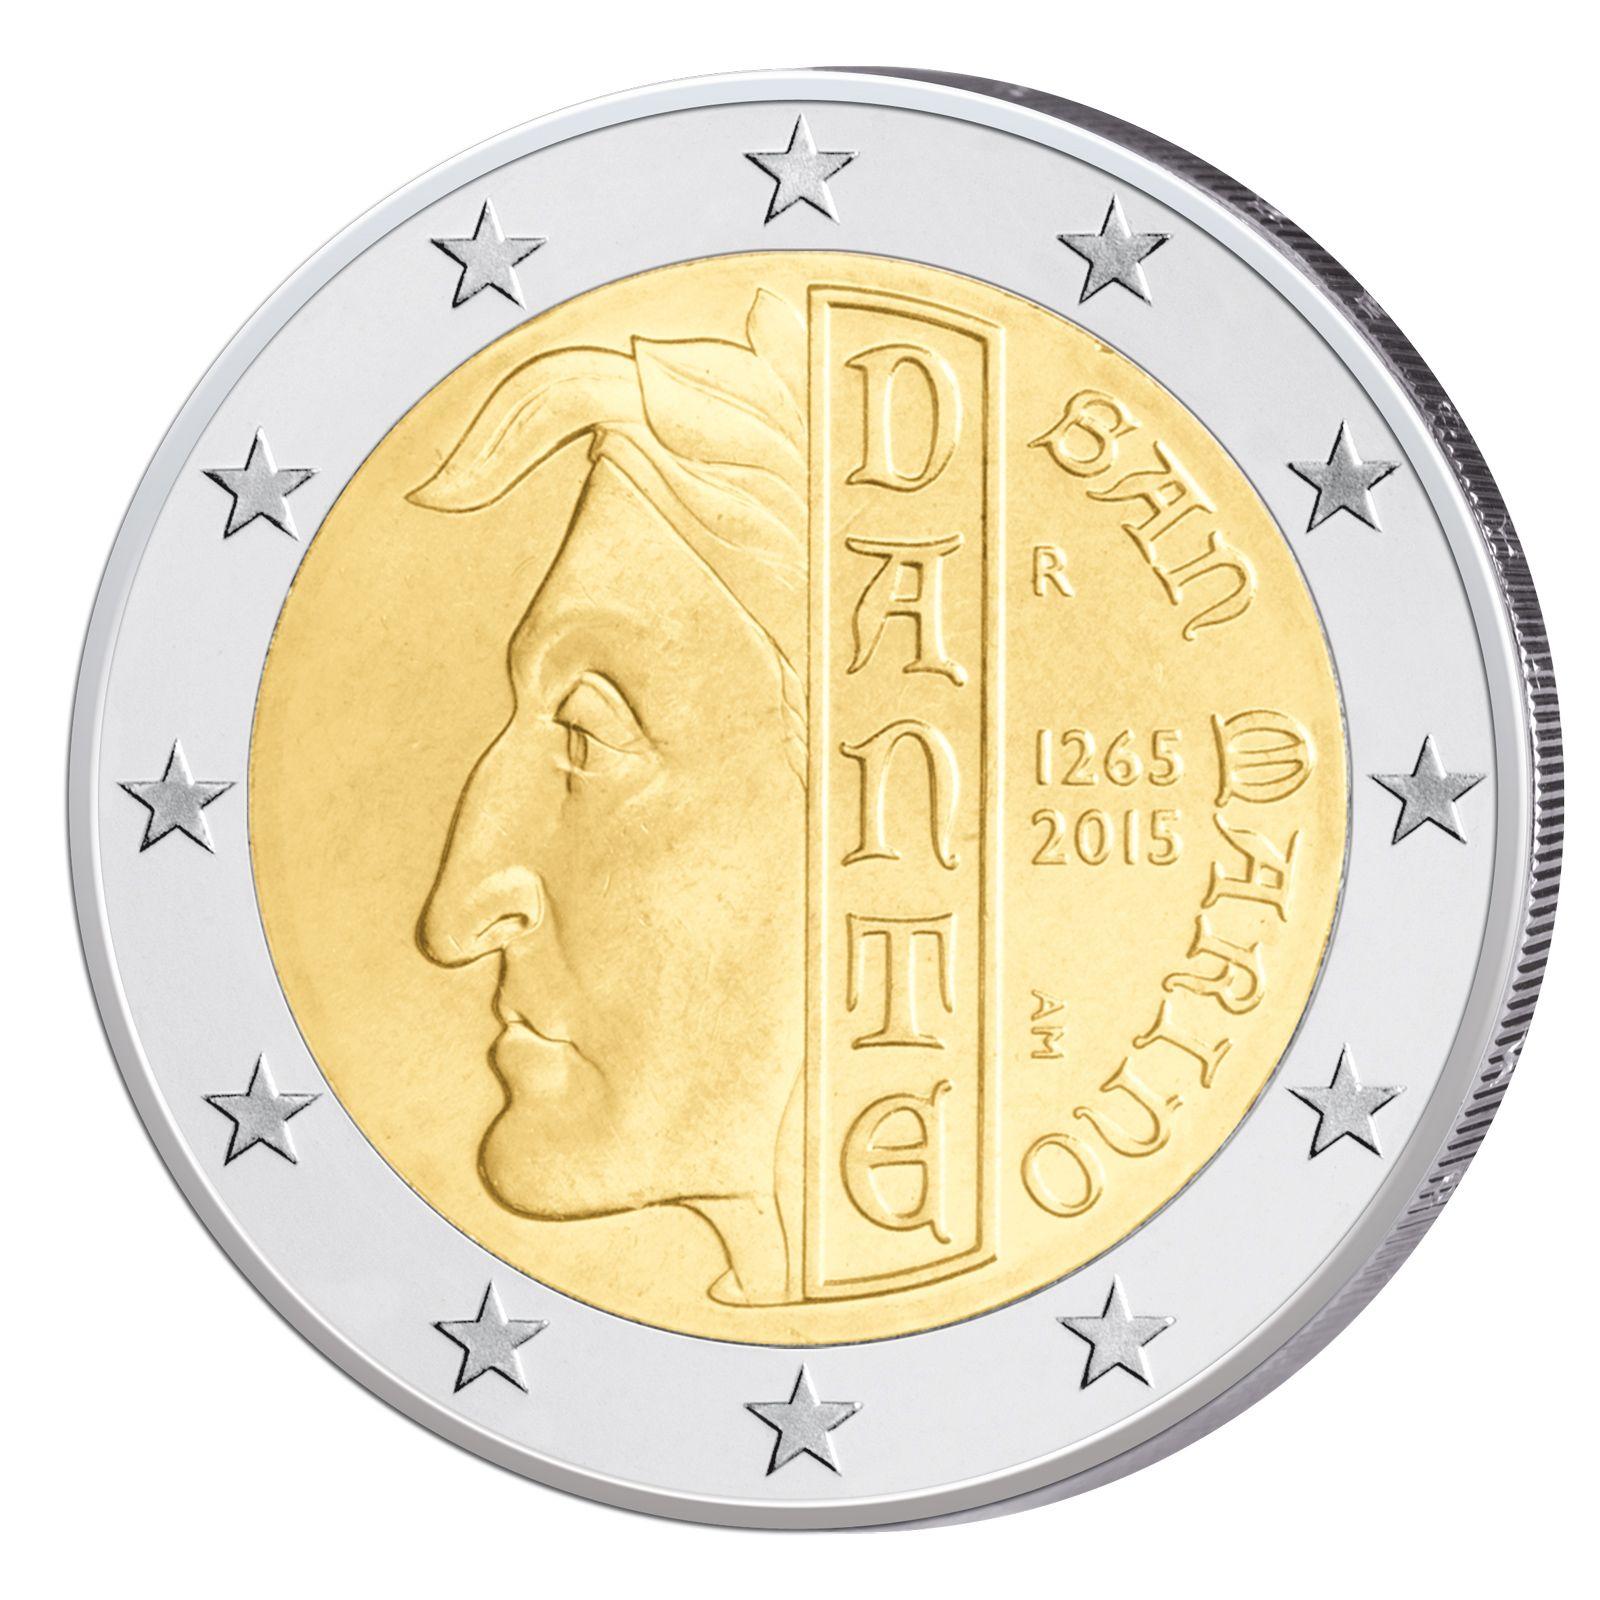 Ratgeber Münzen Sammeln Beliebtes Sammelgebiet Schriftsteller